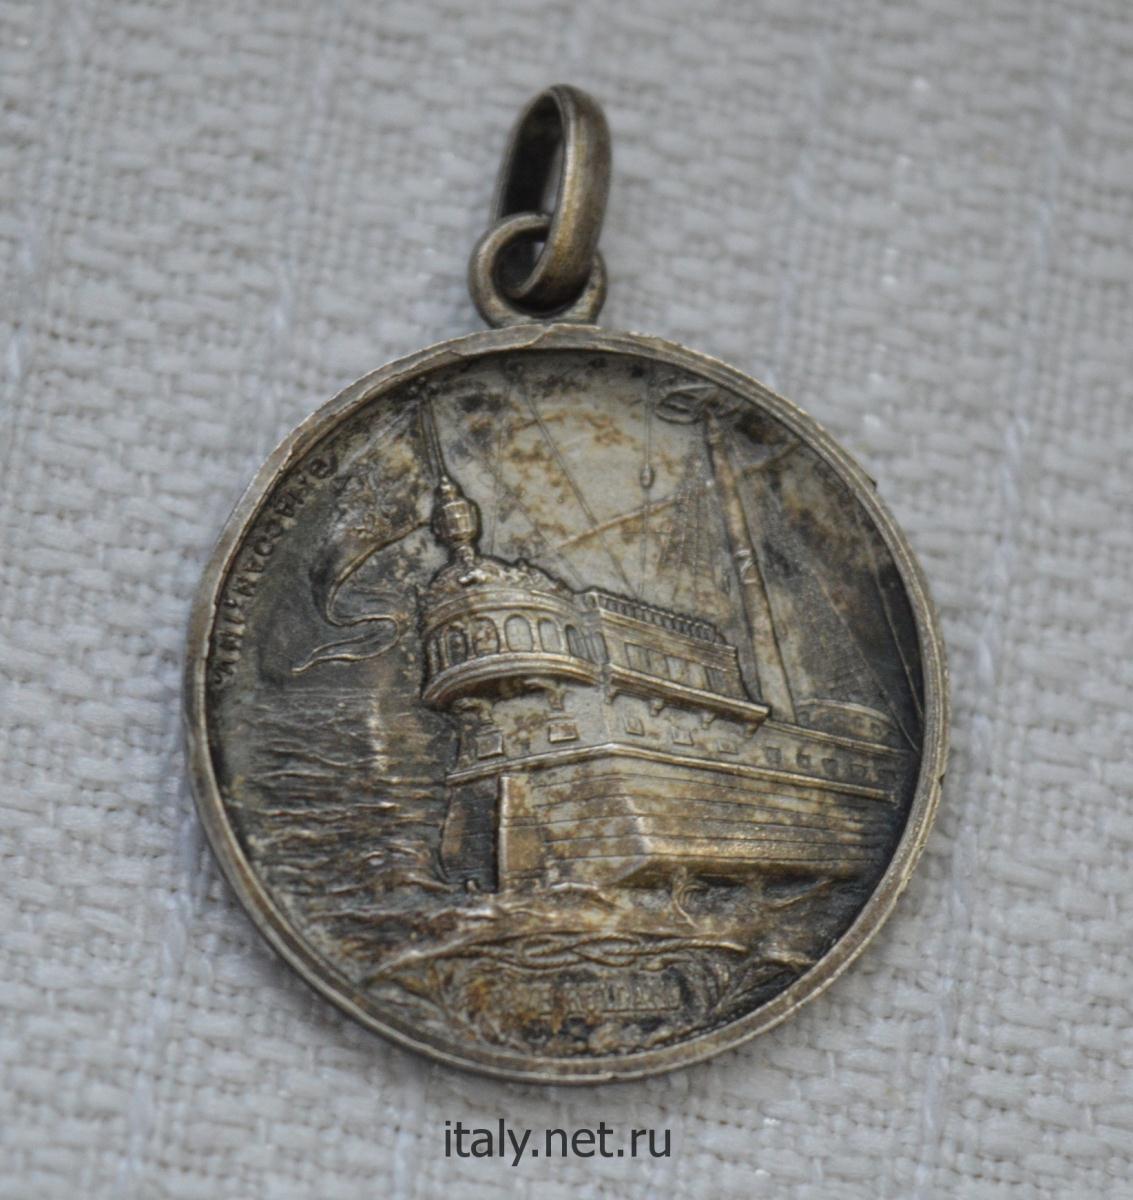 Итальянский антиквариат. Медальон в честь генуэзского адмирала и государственного деятеля Андреа Дориа